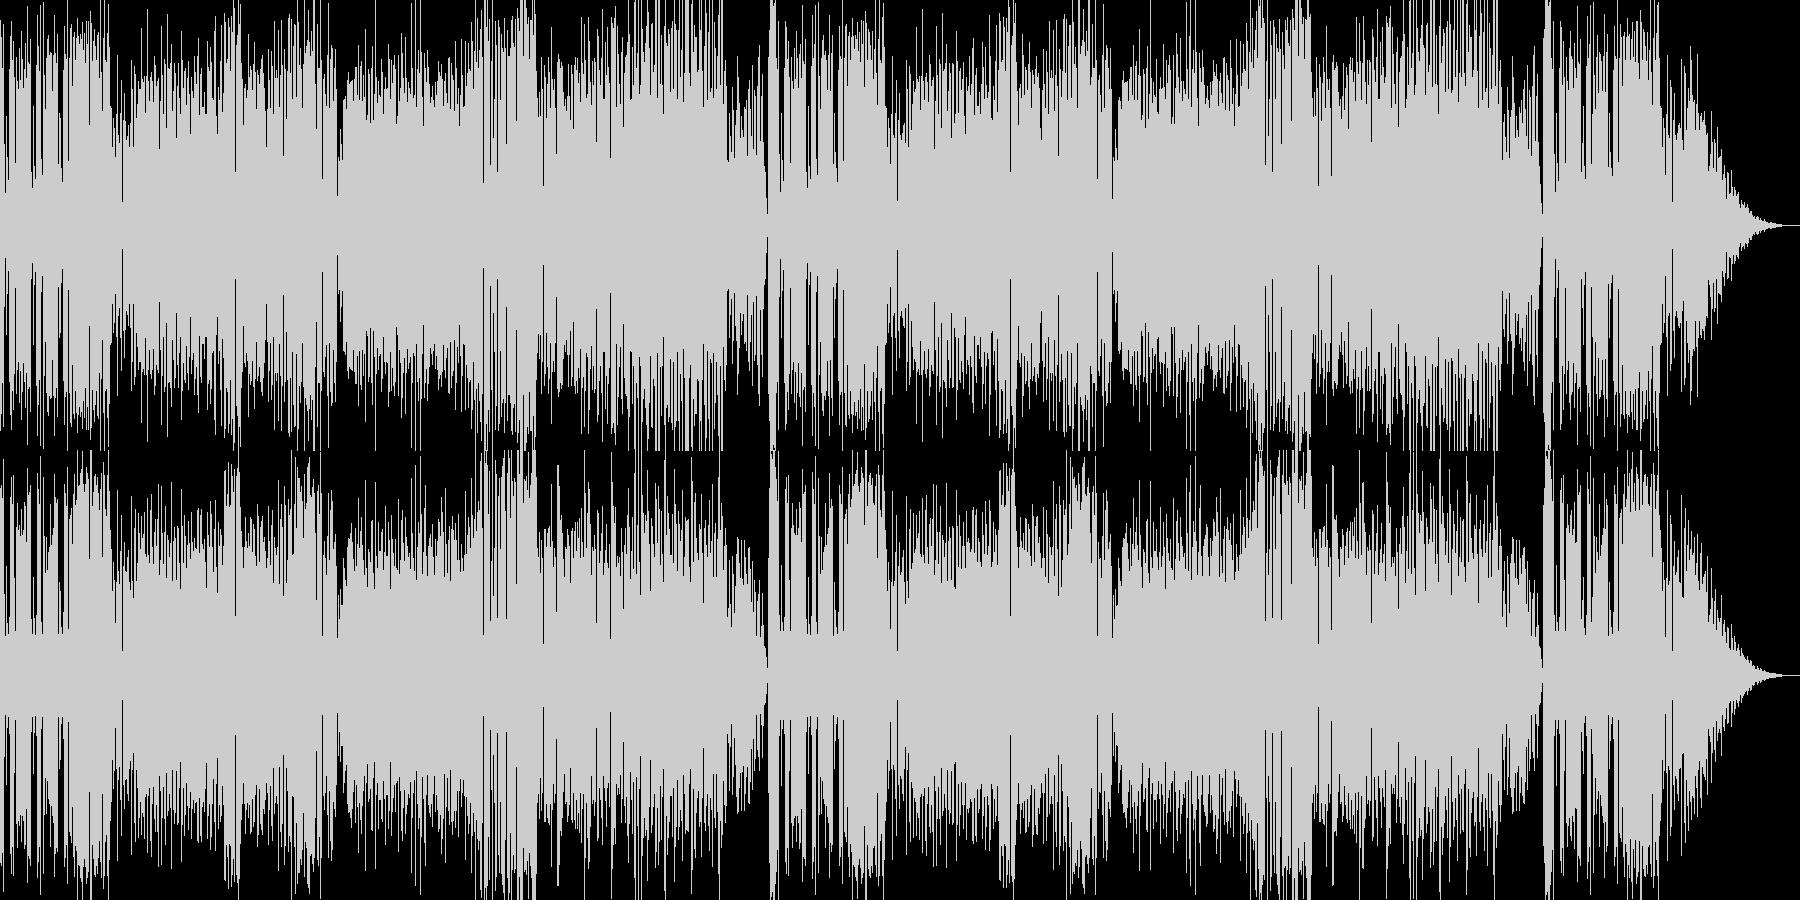 スウィングジャズ風ビッグバンドの未再生の波形